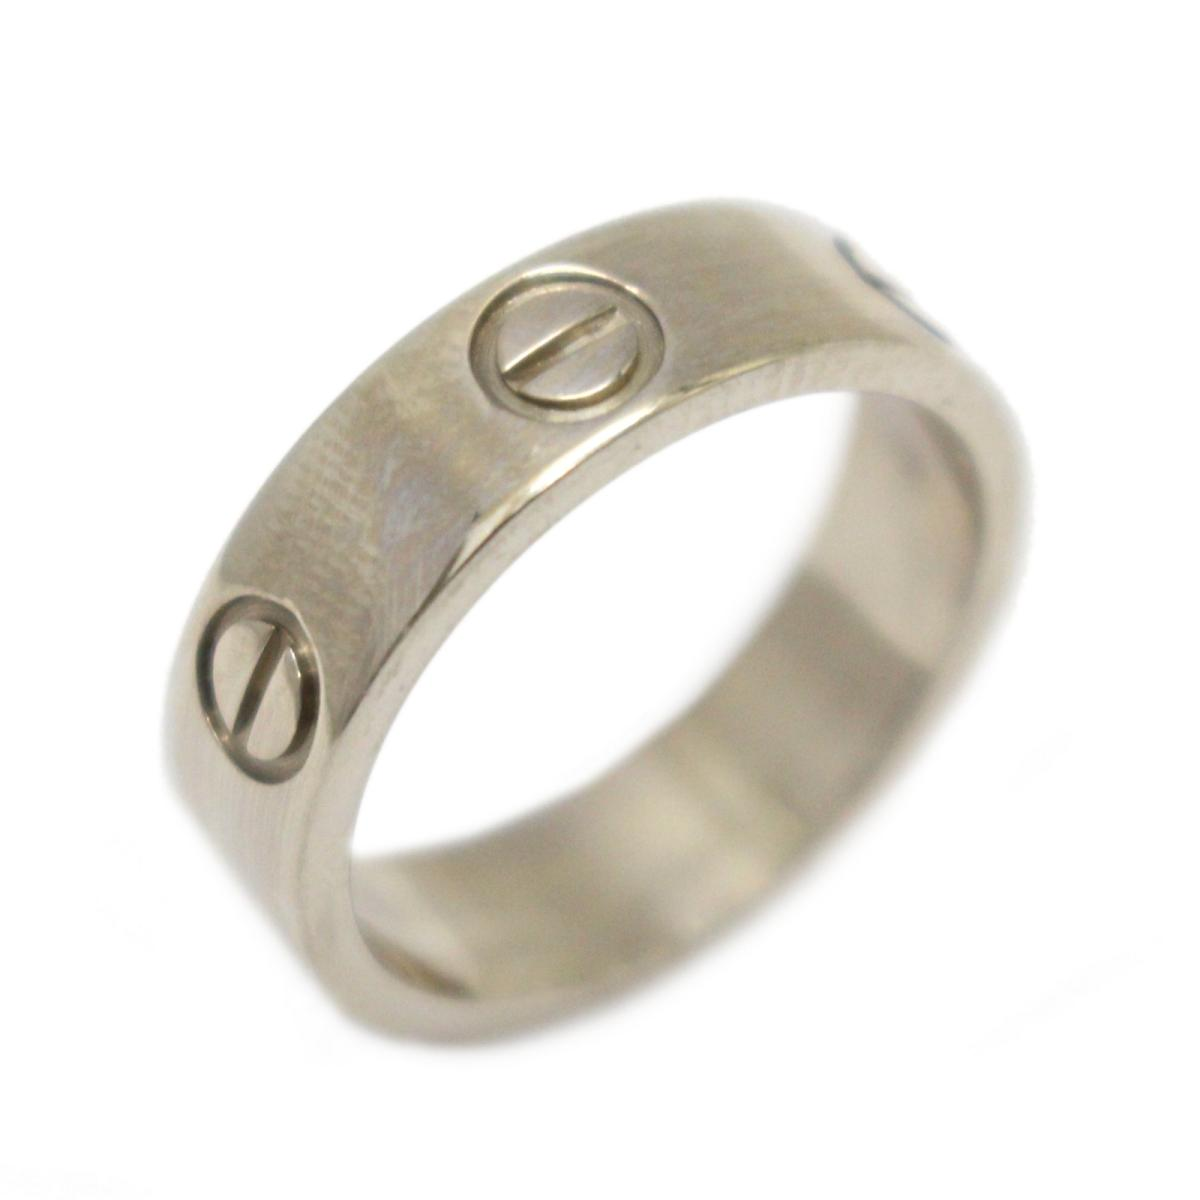 e10f36f1ddfb ... ラブリング 指輪 ブランドジュエリー レディース K18WG (750) ホワイトゴールド     Cartier BRANDOFF ブランドオフ  ブランド ジュエリー アクセサリー リング